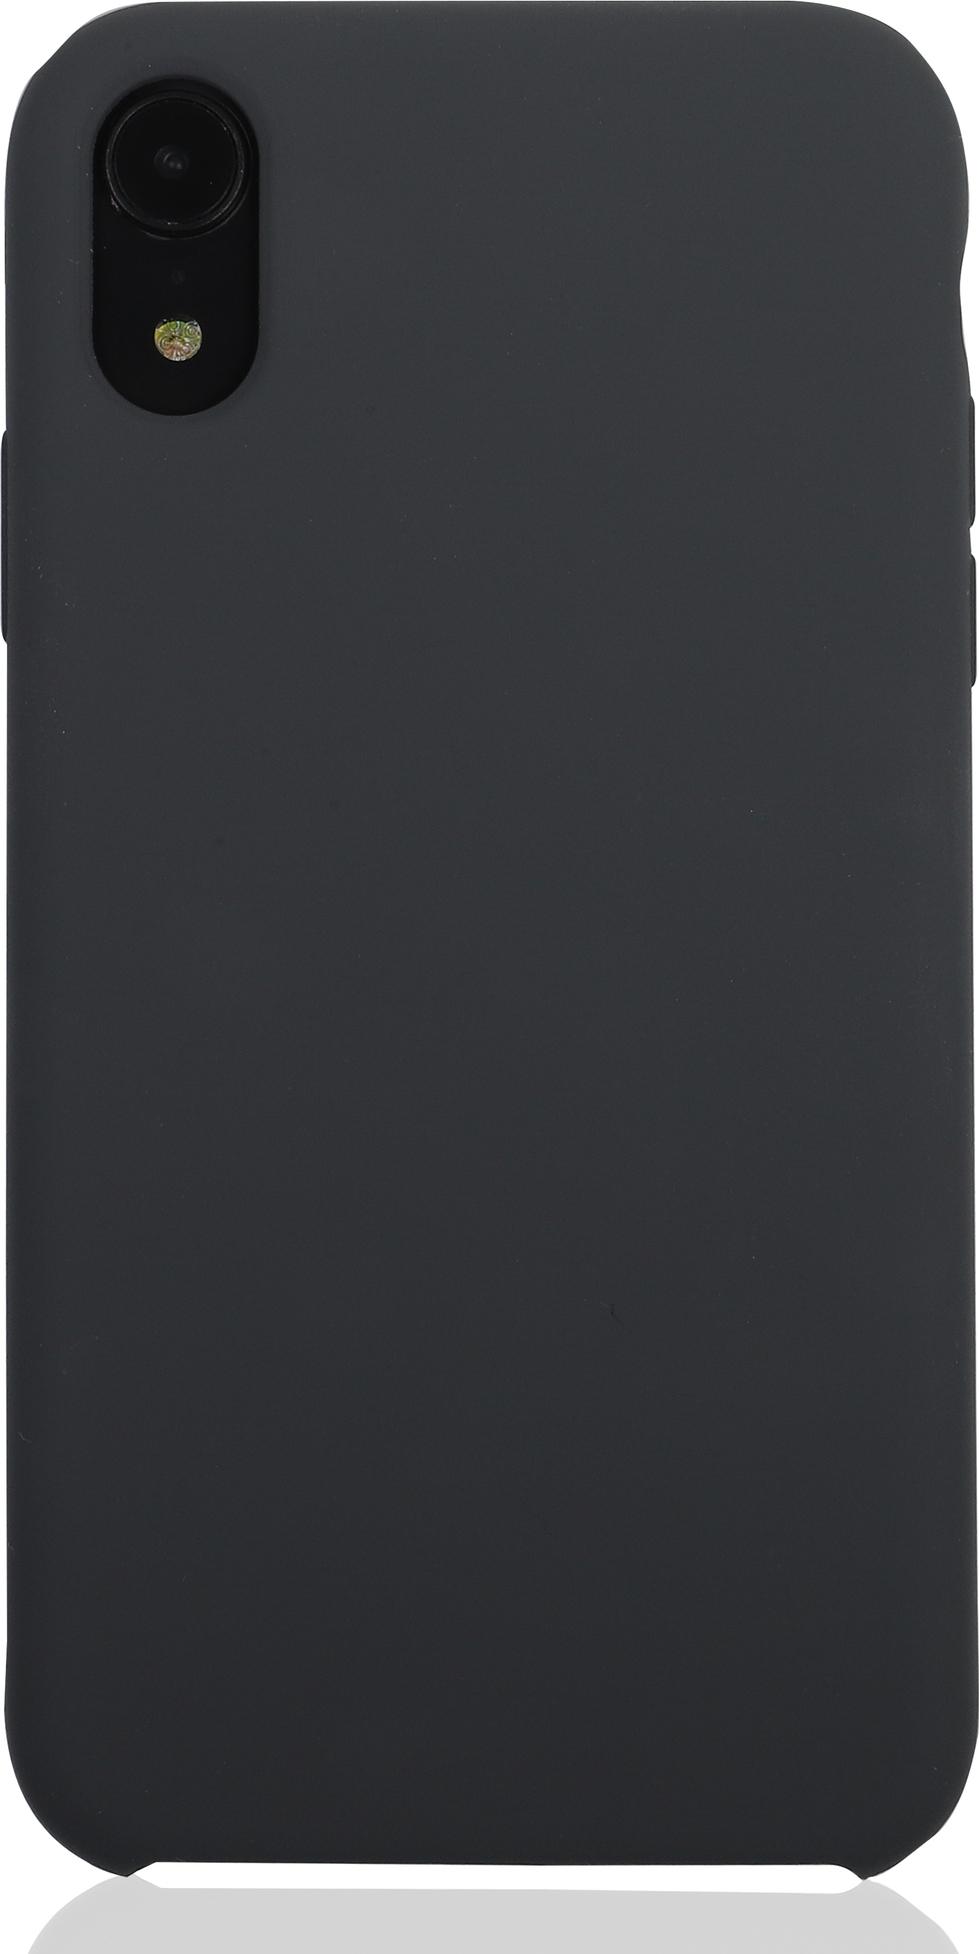 Чехол Brosco Softrubber для Apple iPhone XR, серый